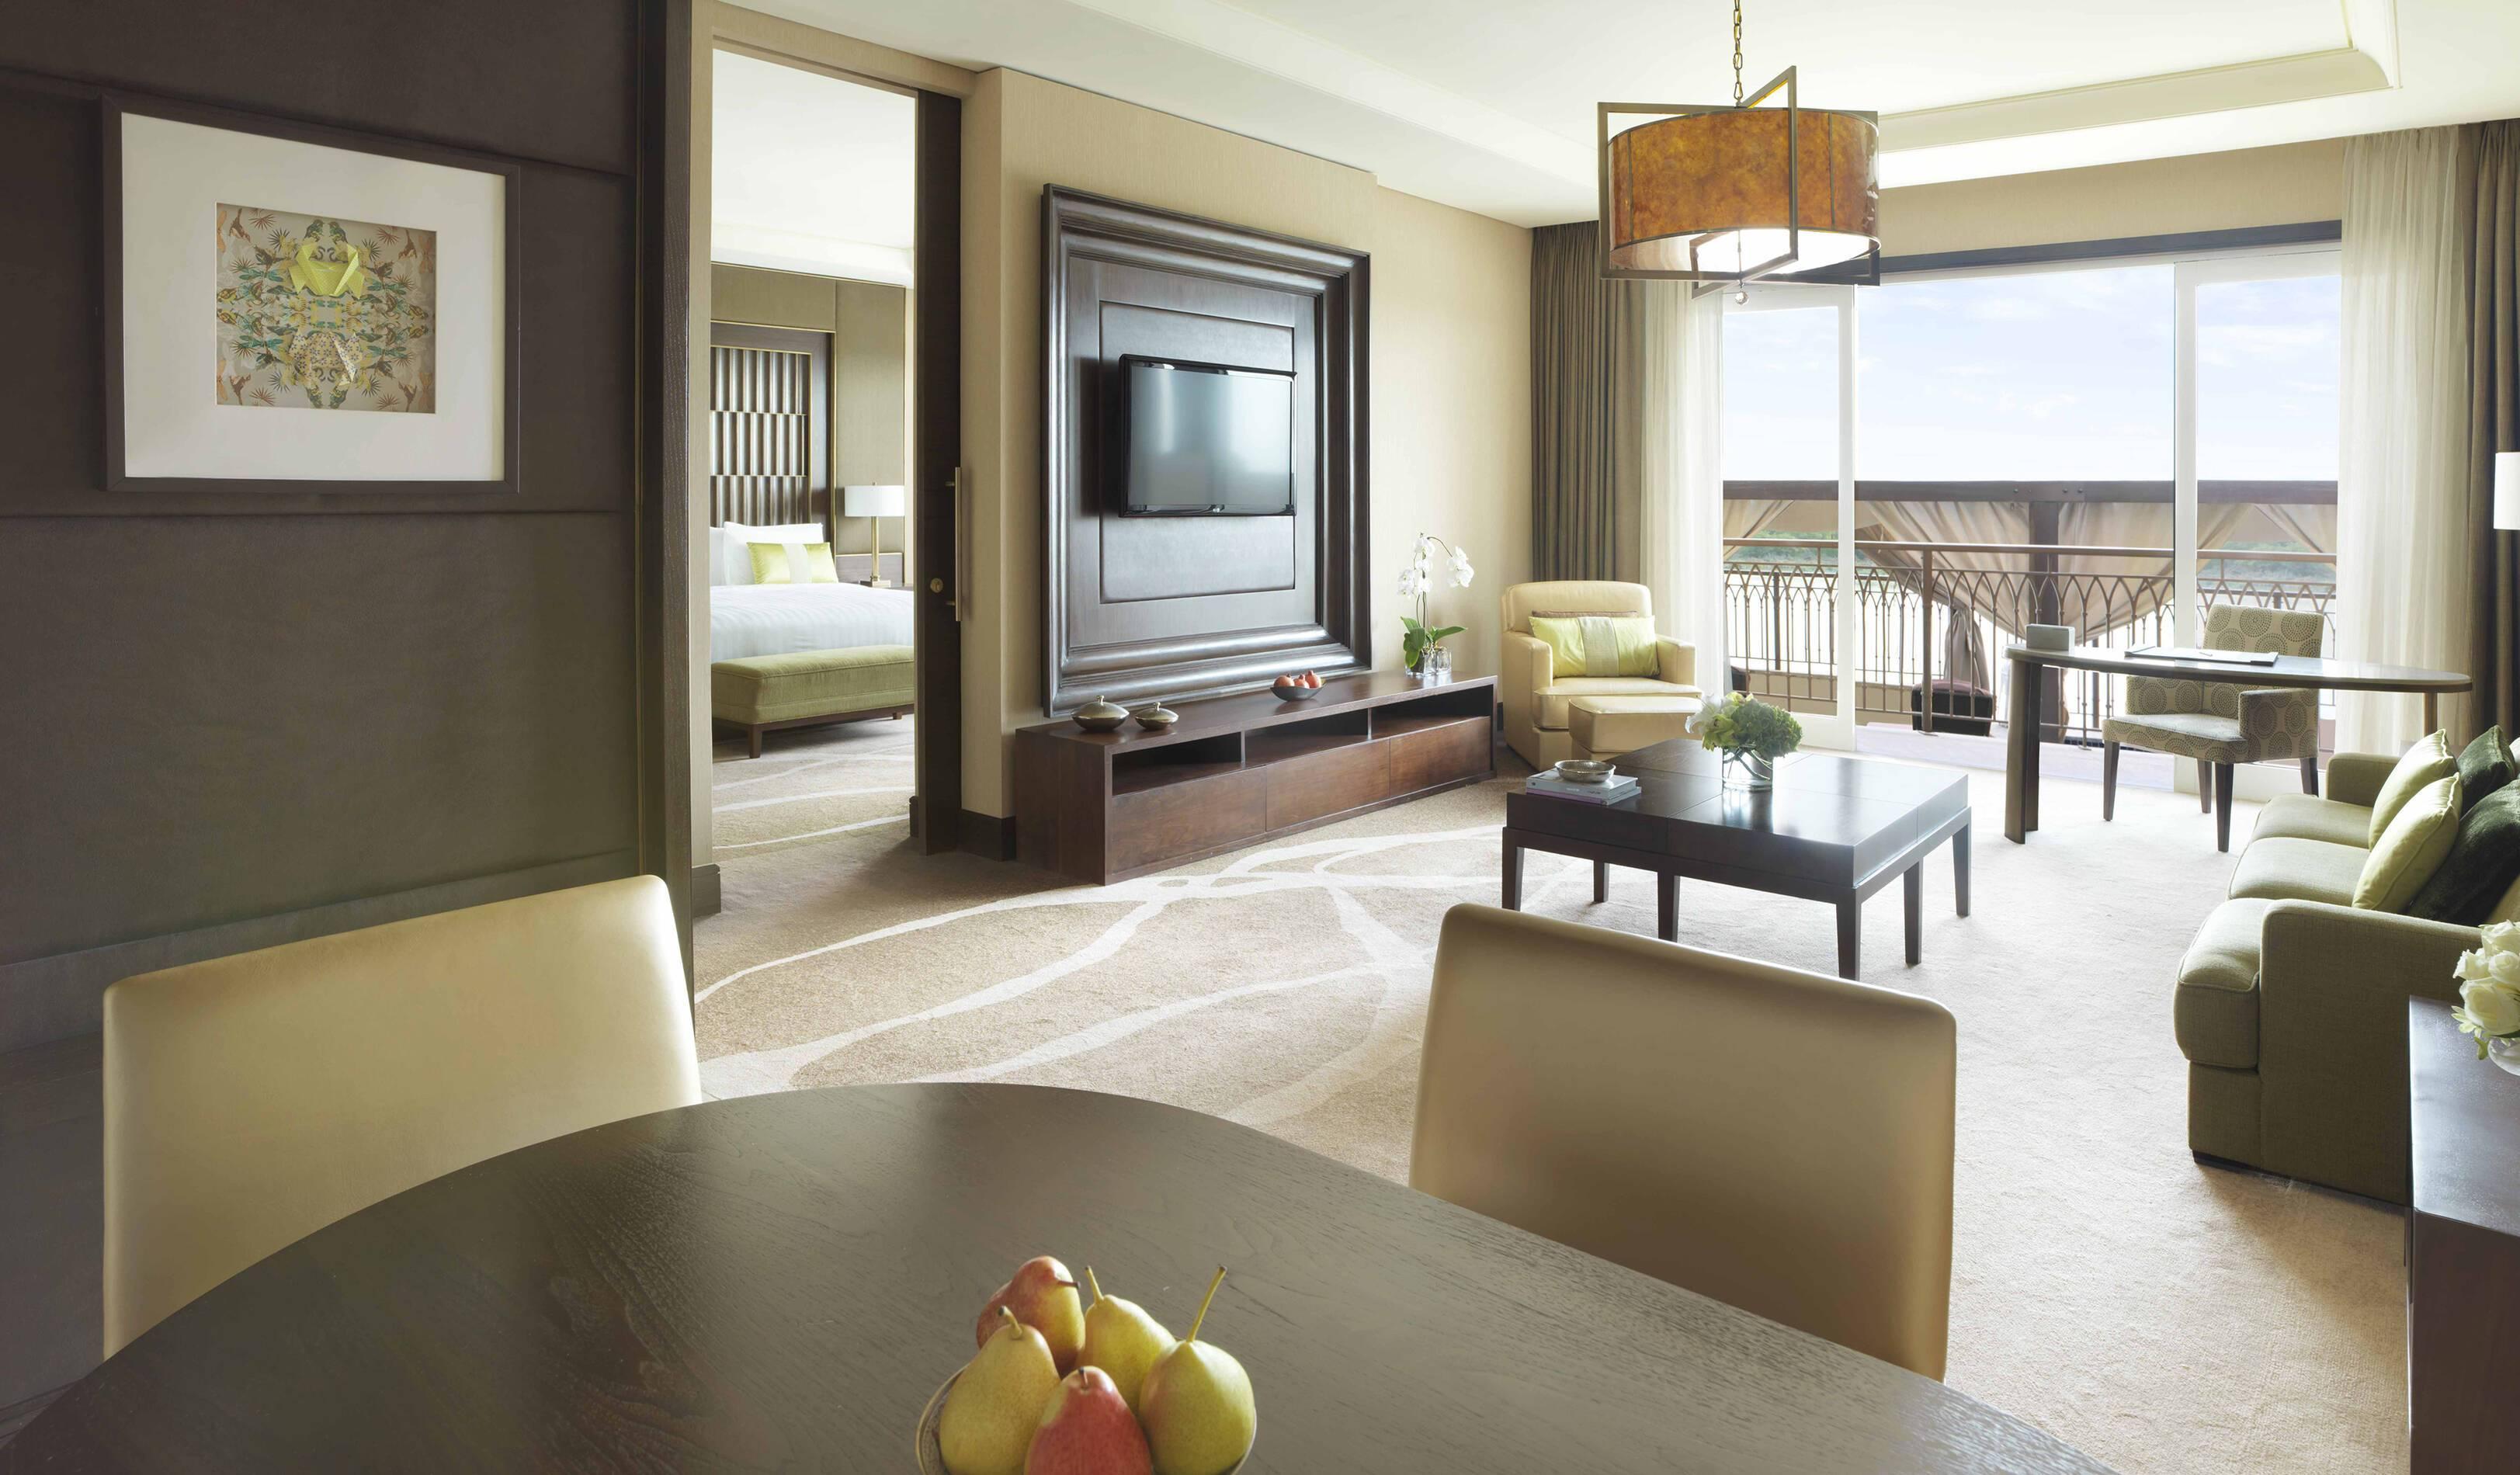 Anantara Eastern Mangroves Abu Dhabi pool suite living